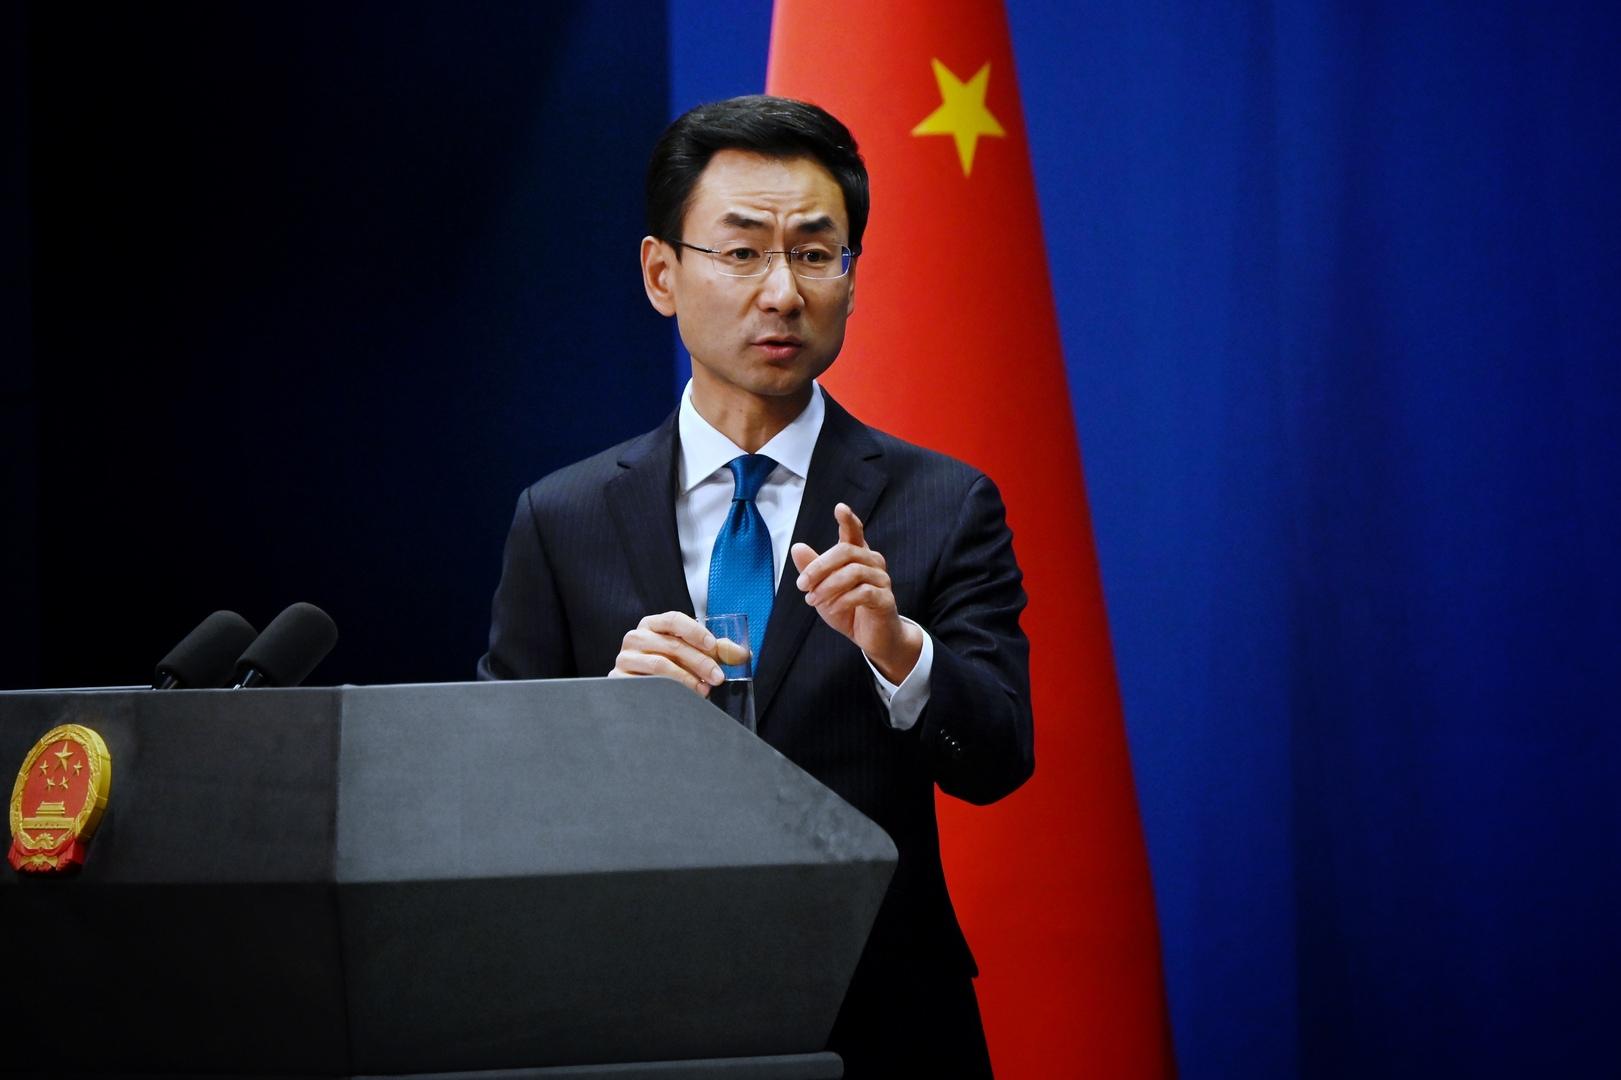 المتحدث باسم الخارجية الصينية، غين شوان